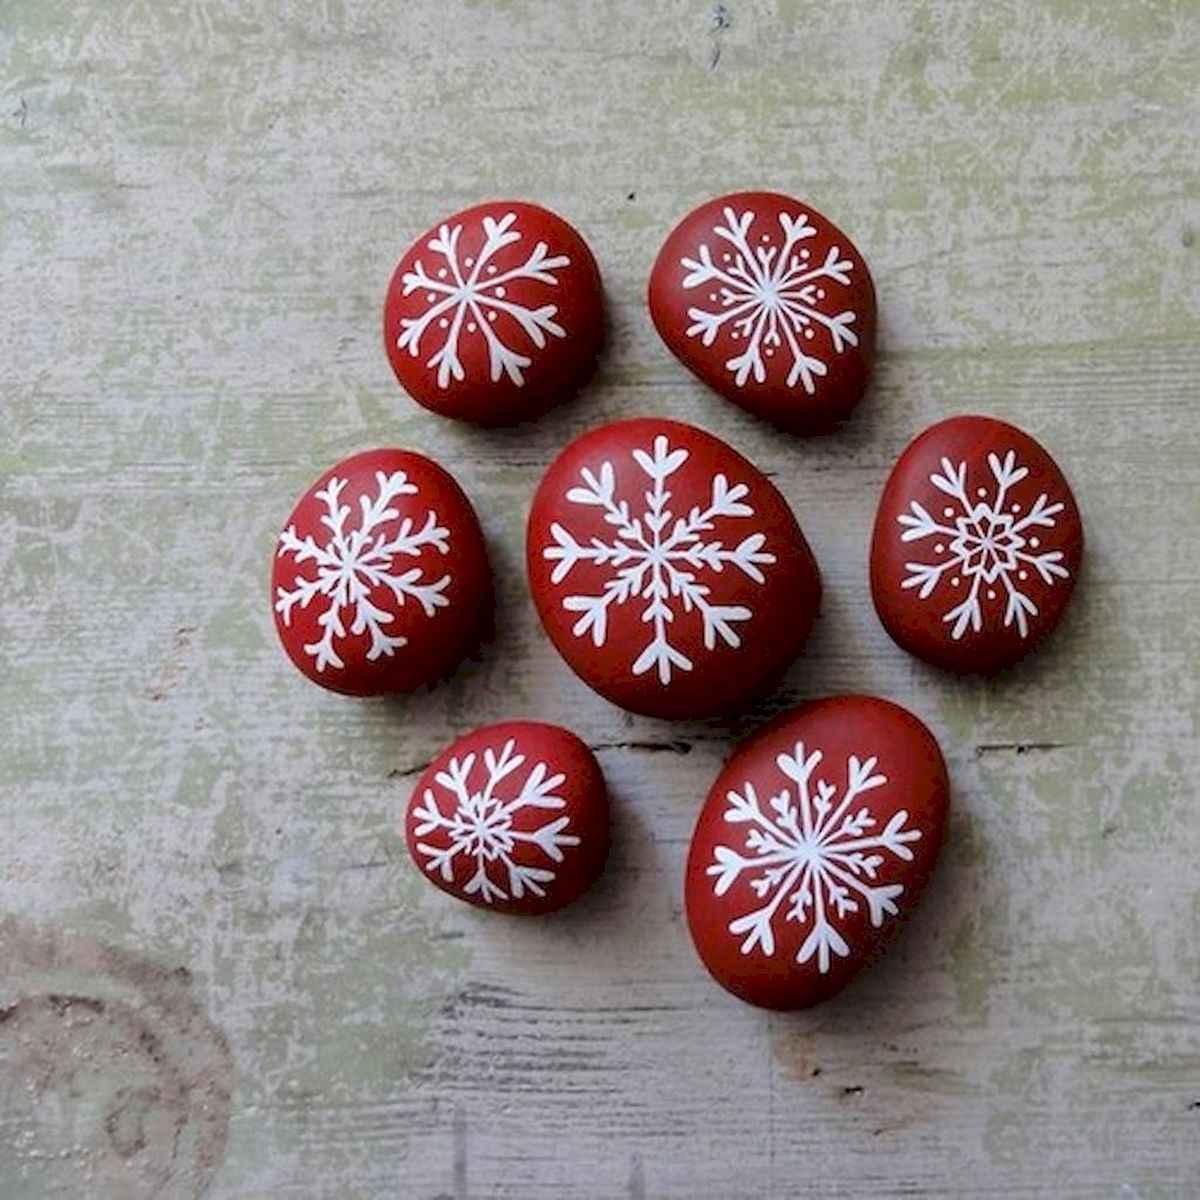 50 Easy Diy Christmas Painted Rock Design Ideas 44 Coachdecor Com